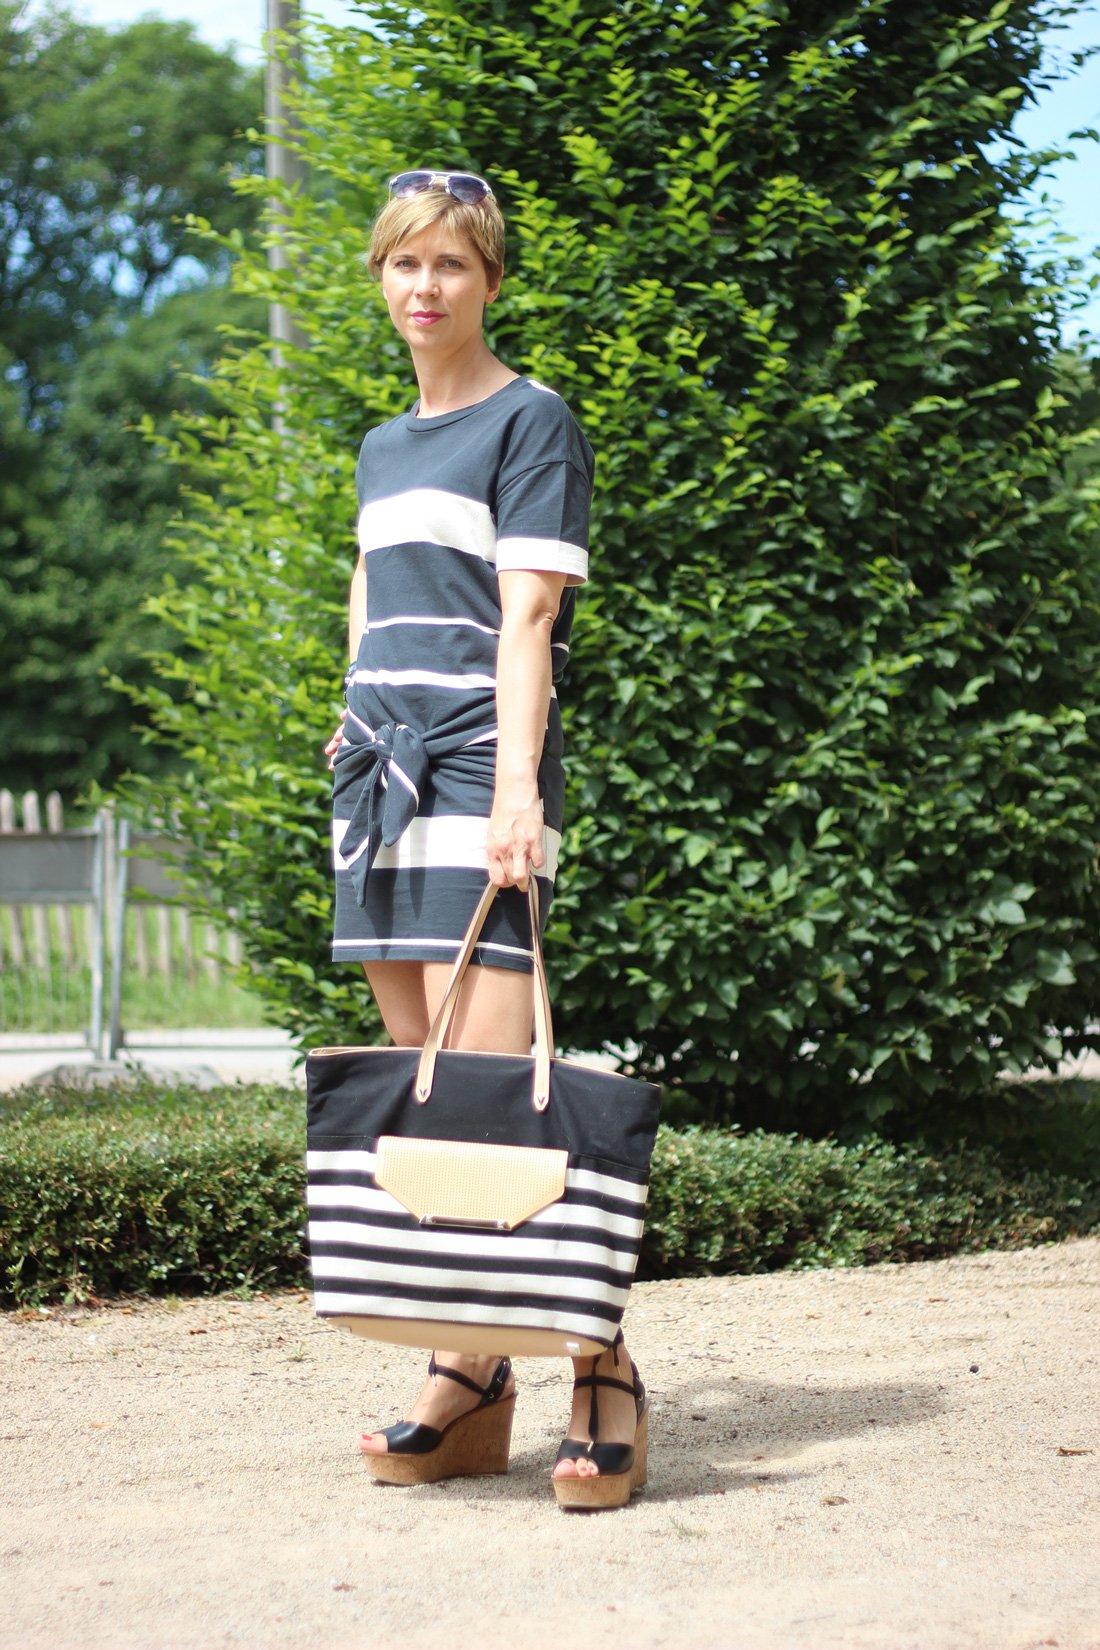 Harmonie in der Mode, Proportionen, Minikleid, Blockstreifen, AllSaints, Wedges, Topshop, Stella&Dot, ConnyDoll, ü40Blog, Fashionblog